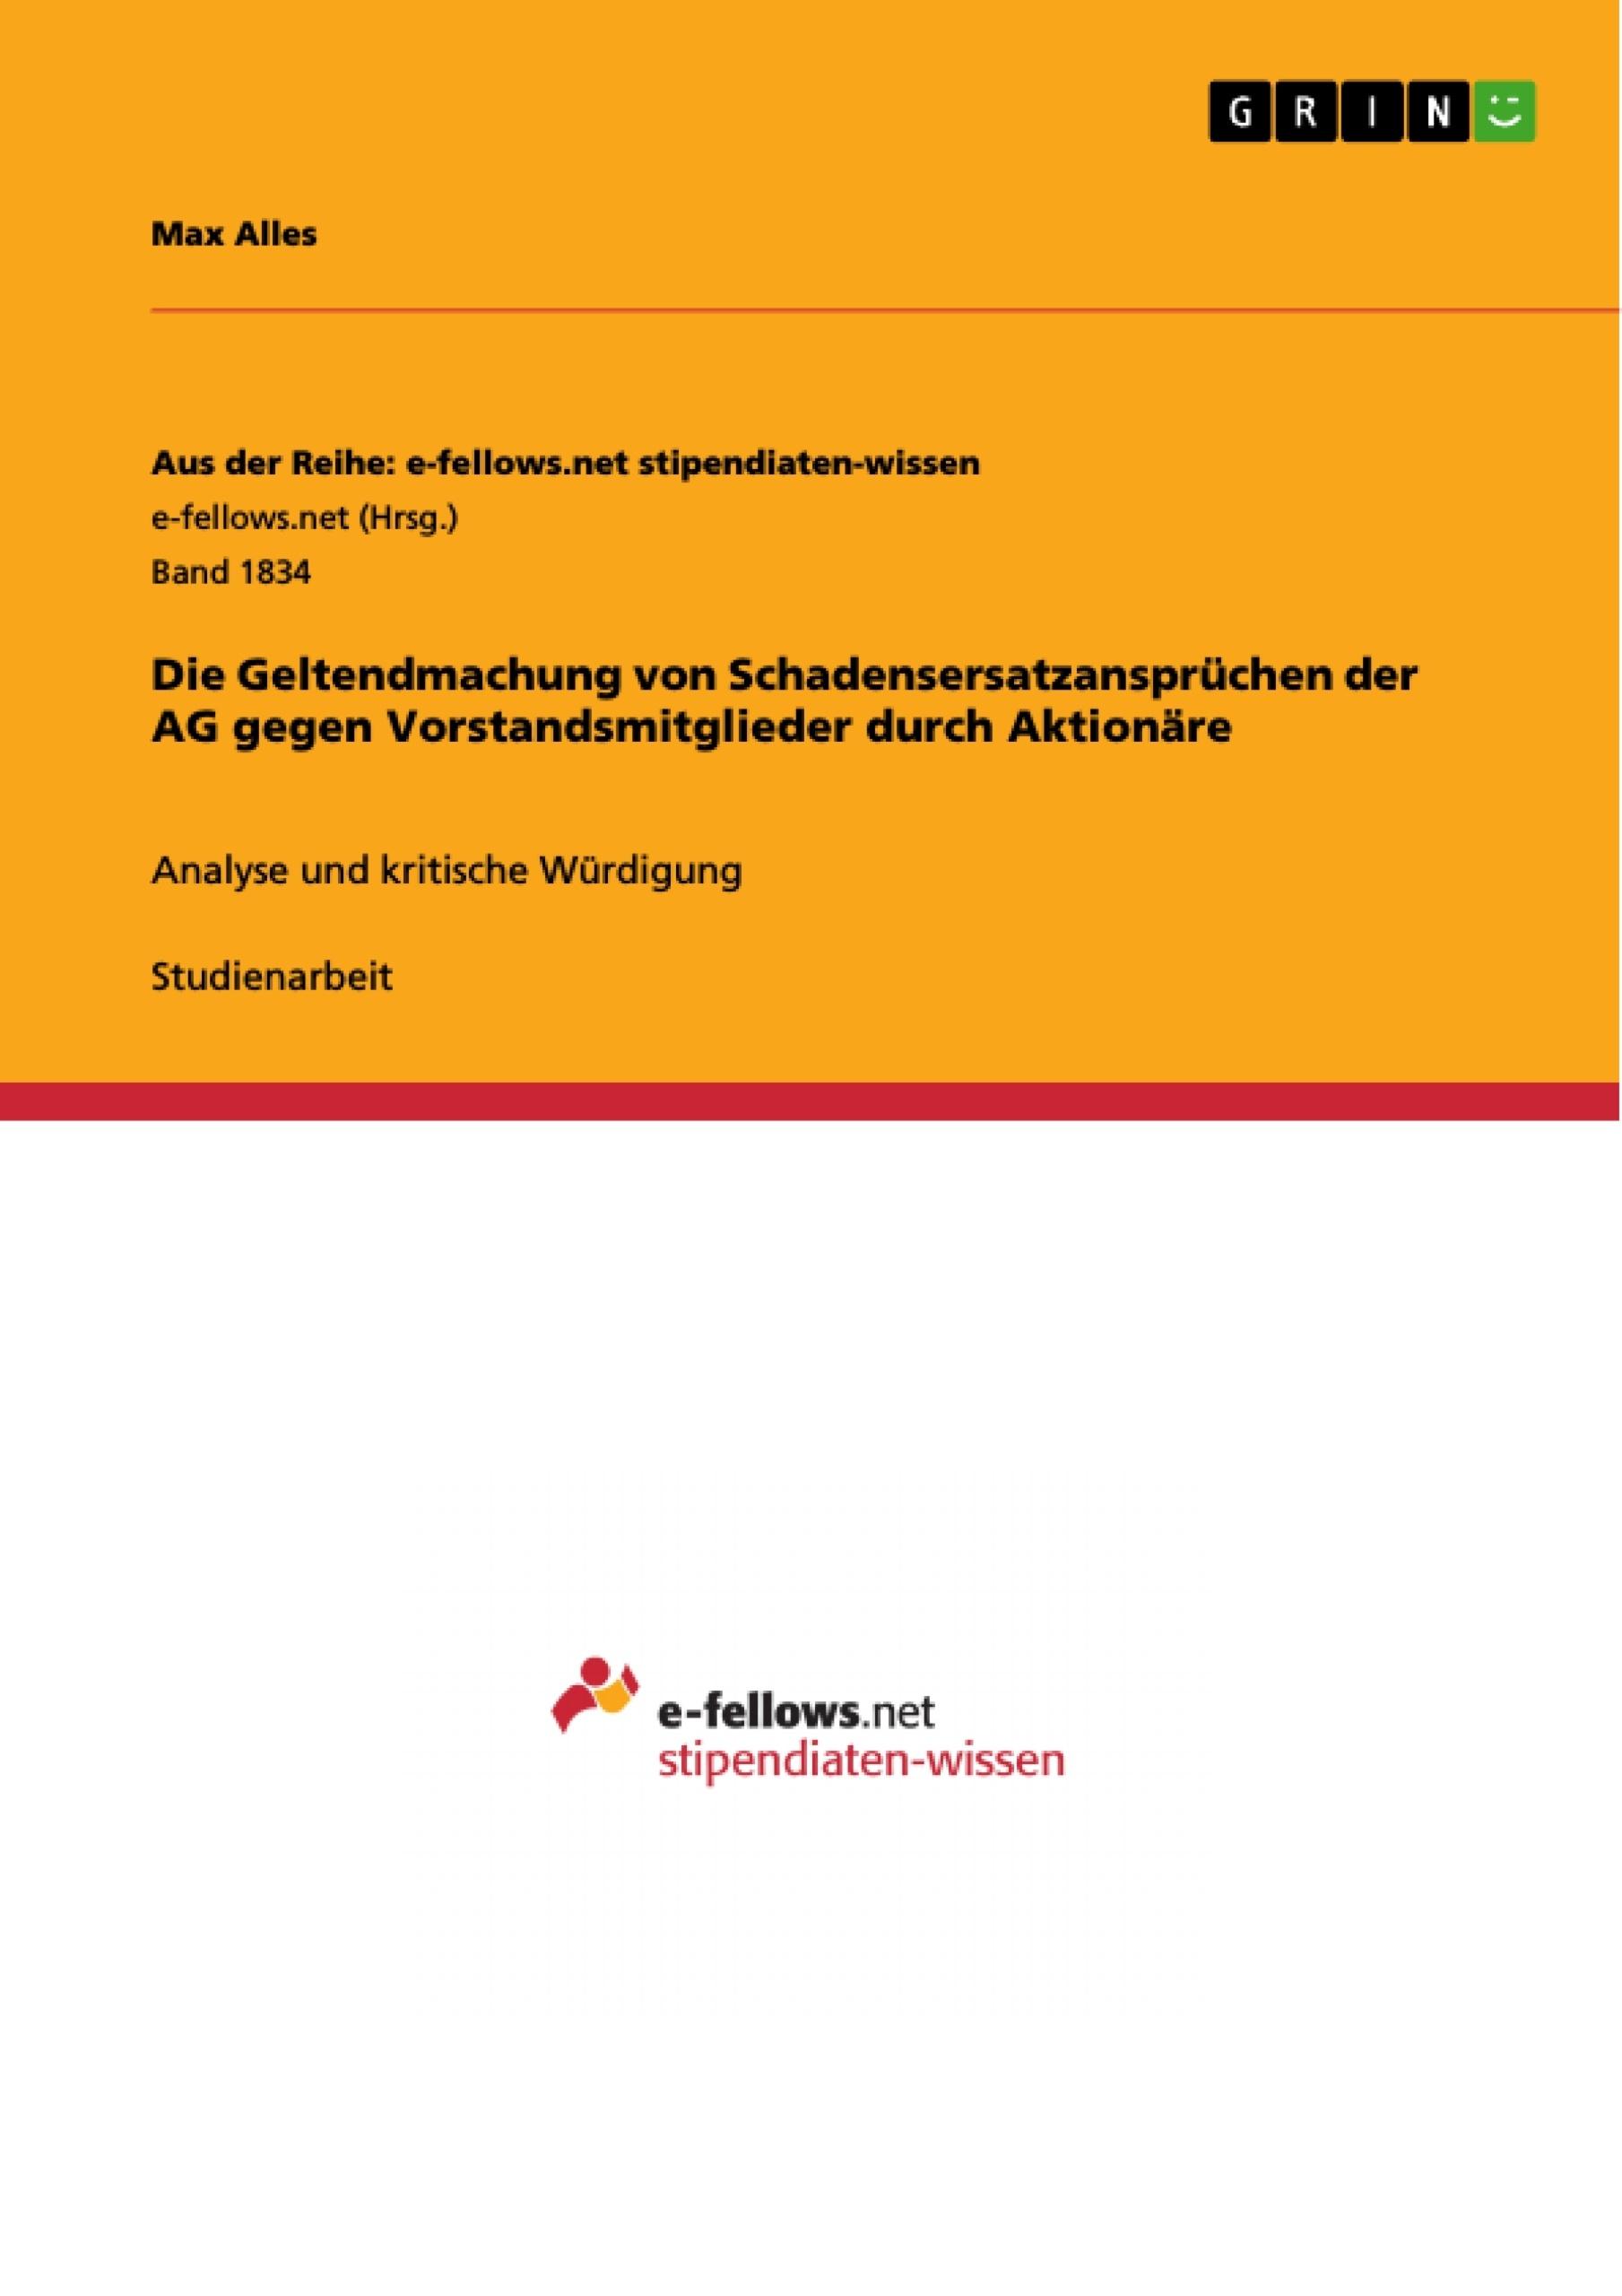 Titel: Die Geltendmachung von Schadensersatzansprüchen der AG gegen Vorstandsmitglieder durch Aktionäre